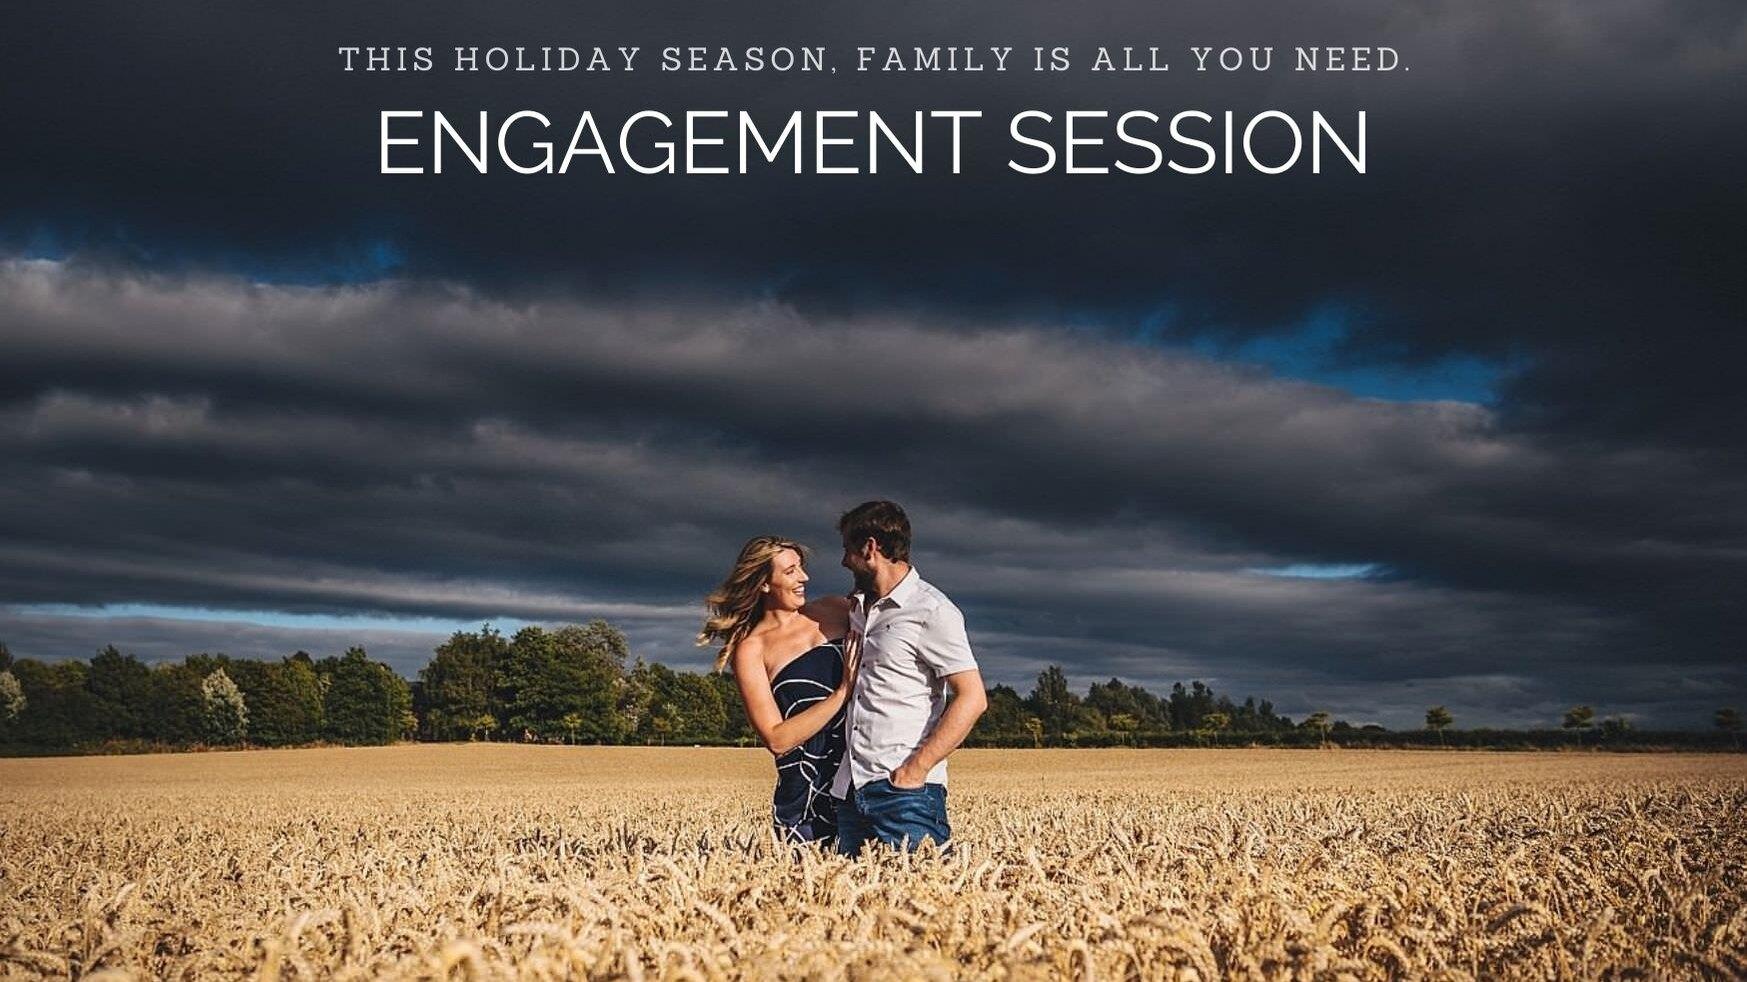 Engagement Session Voucher